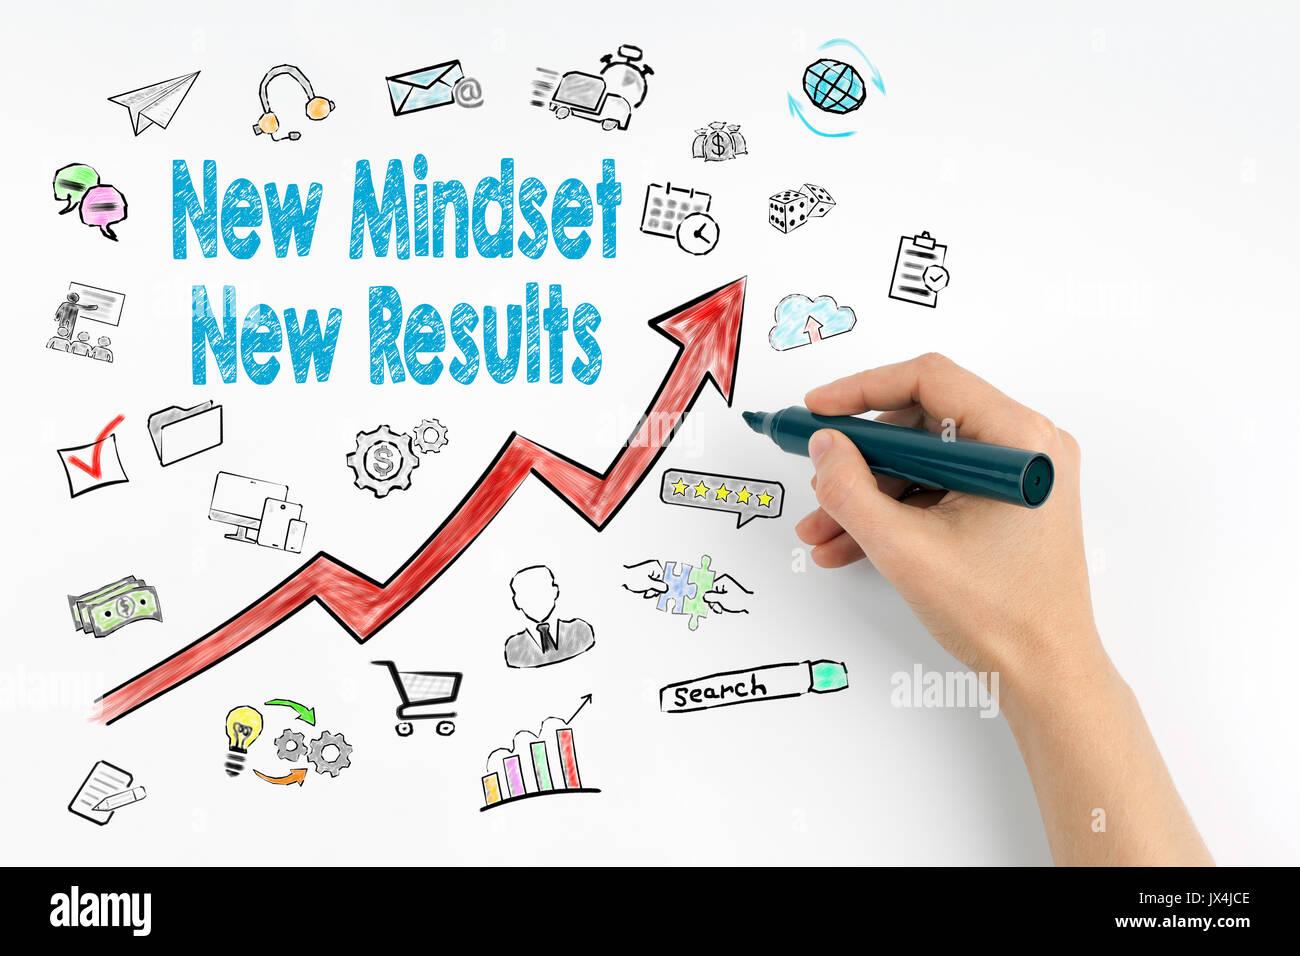 Nueva Mentalidad nuevo concepto de resultados. mano con marcador escrito. Imagen De Stock